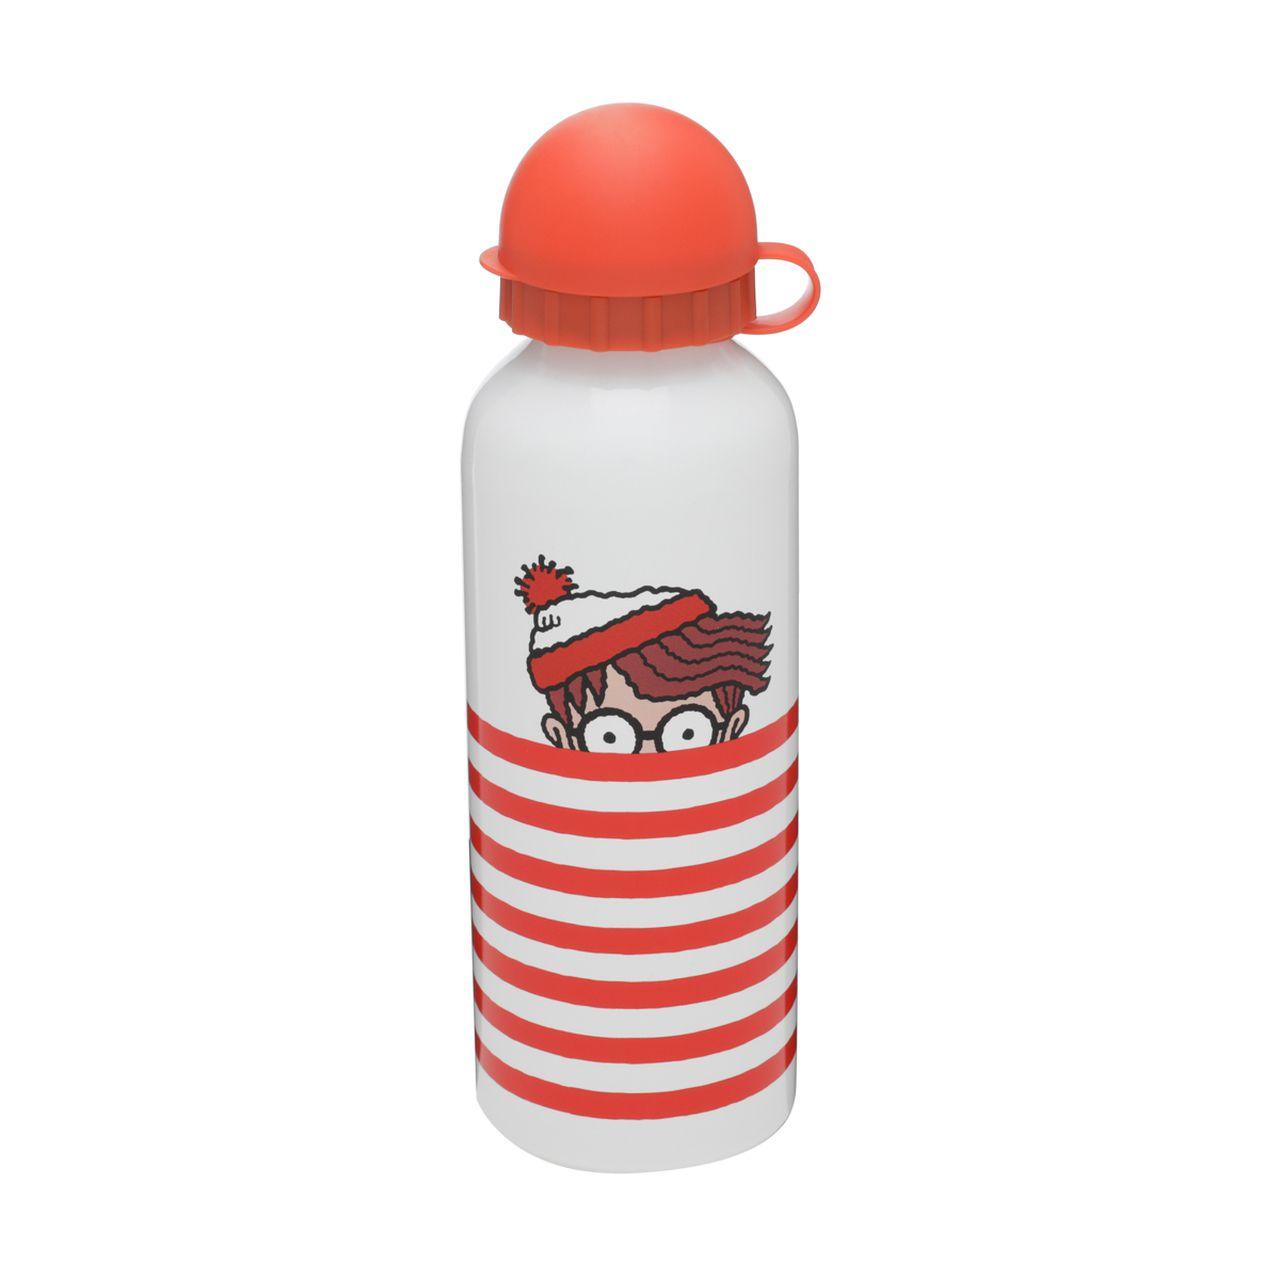 Garrafa (Squeeze) Alumínio Wally: Onde Está Wally? (Where is Wally) 500ml - Urban